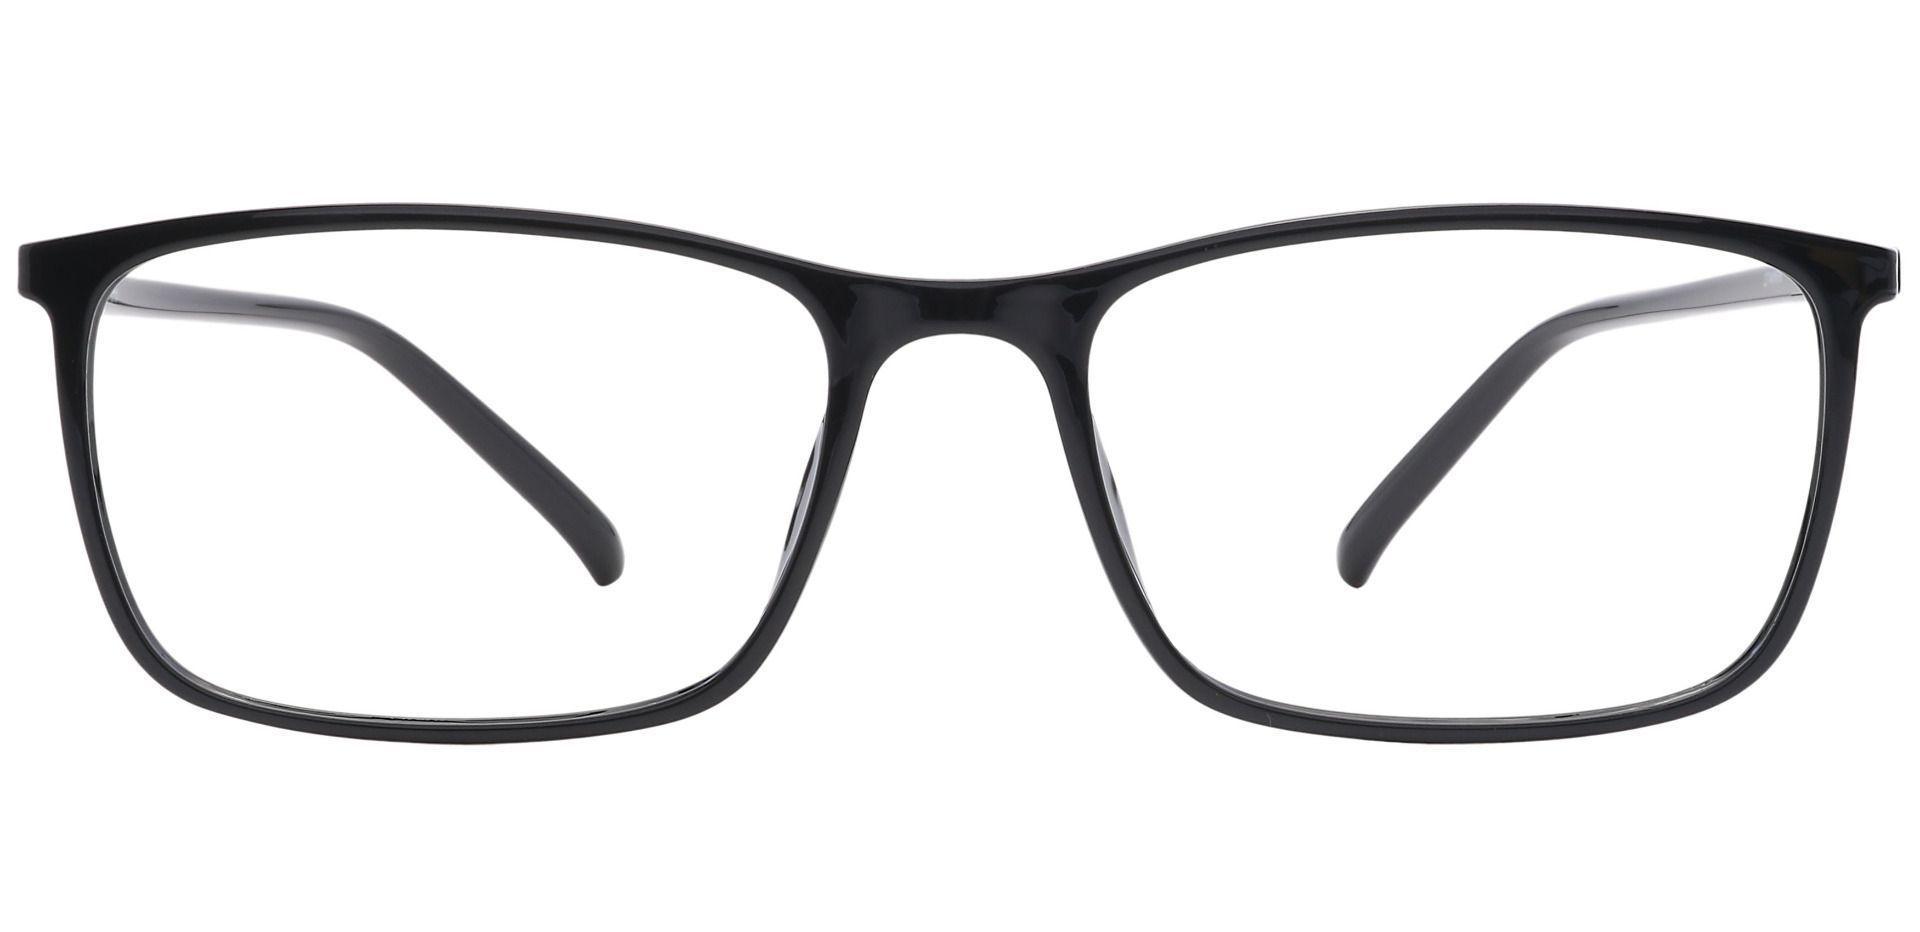 Fuji Rectangle Reading Glasses - Black